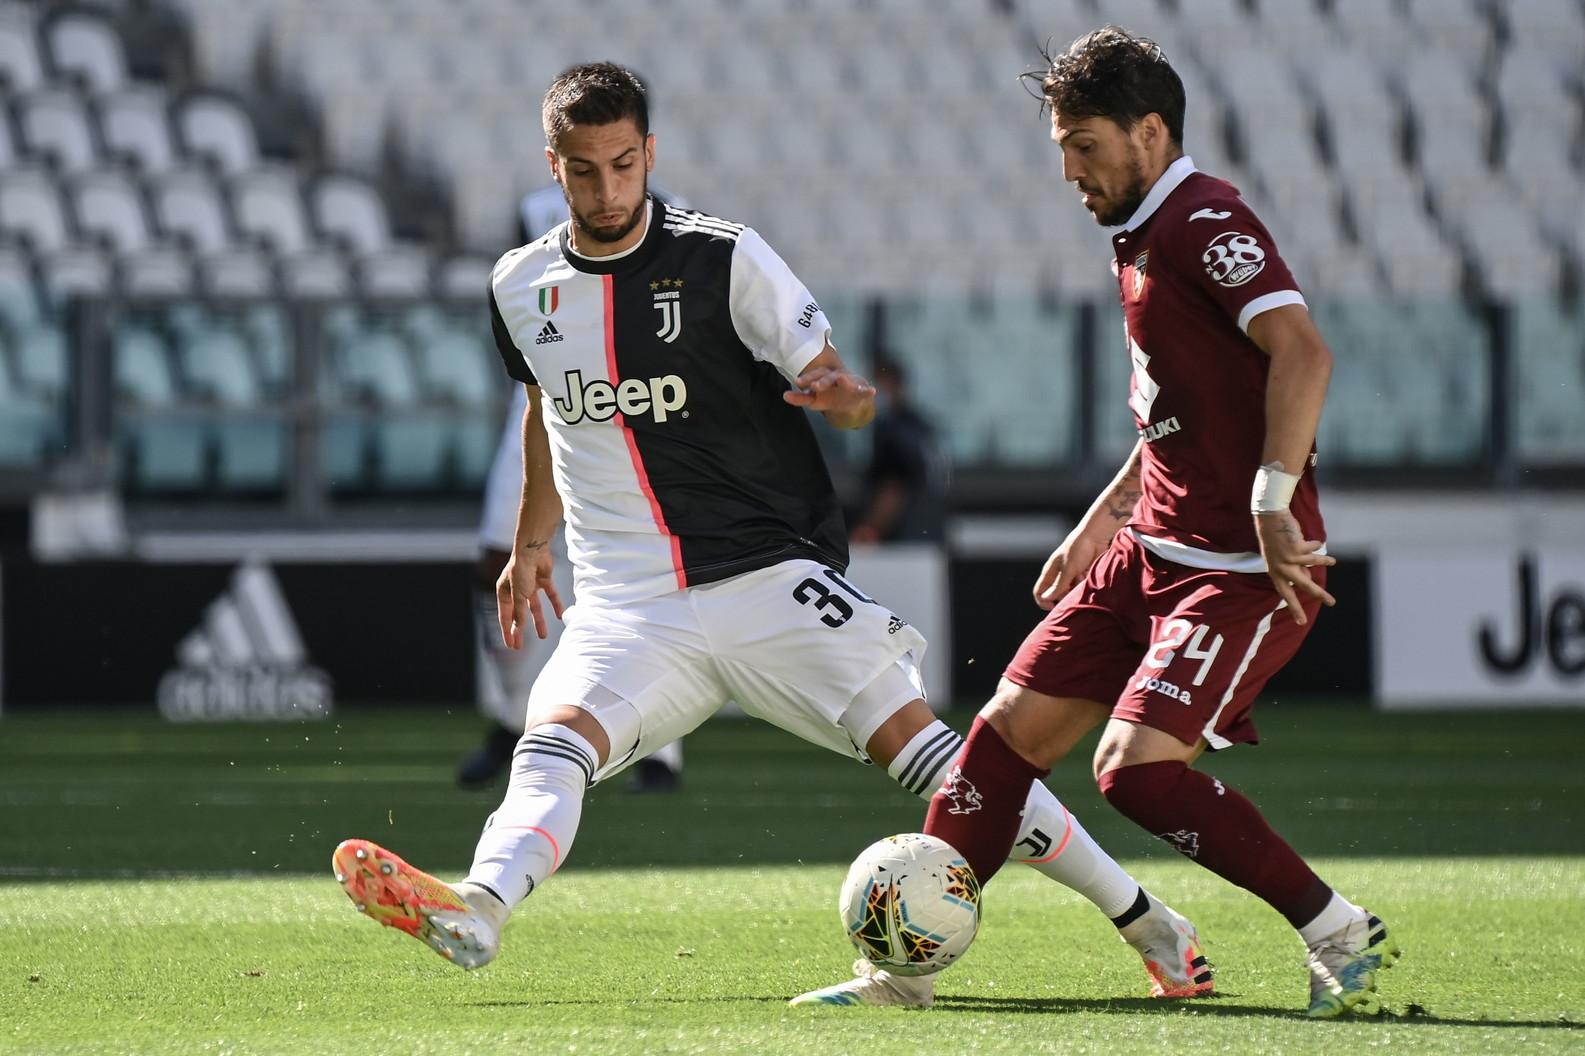 I Bianconeri vincono 4-1 grazie ai gol di Dybala, Cuadrado, Ronaldo e all'autorete di Djidji. Inutile il rigore trasformato da Belotti per i Granata.